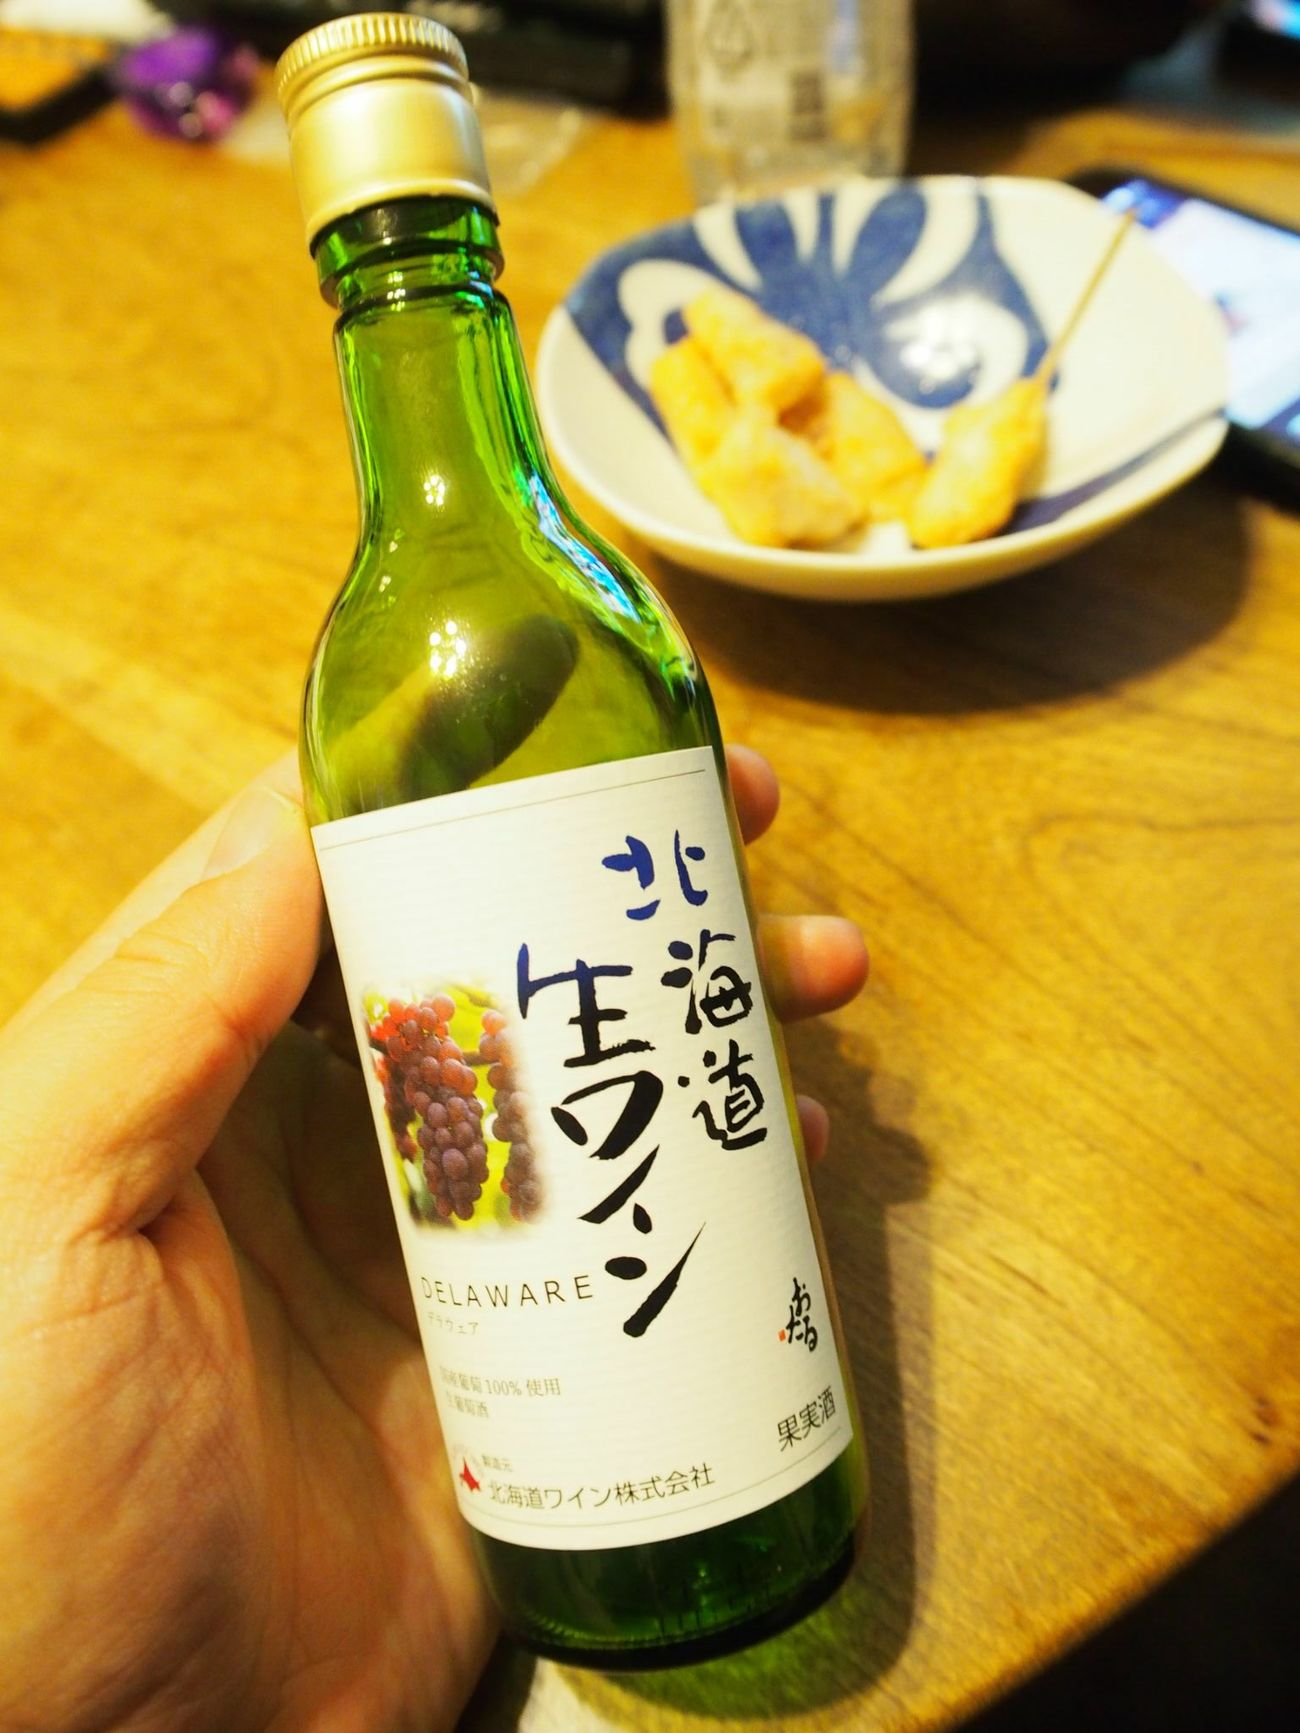 小樽 で買った 北海道 生ワイン 。あまり期待せずに軽い気持ちで買ったけど、旨かった~。ご馳走さまでした。